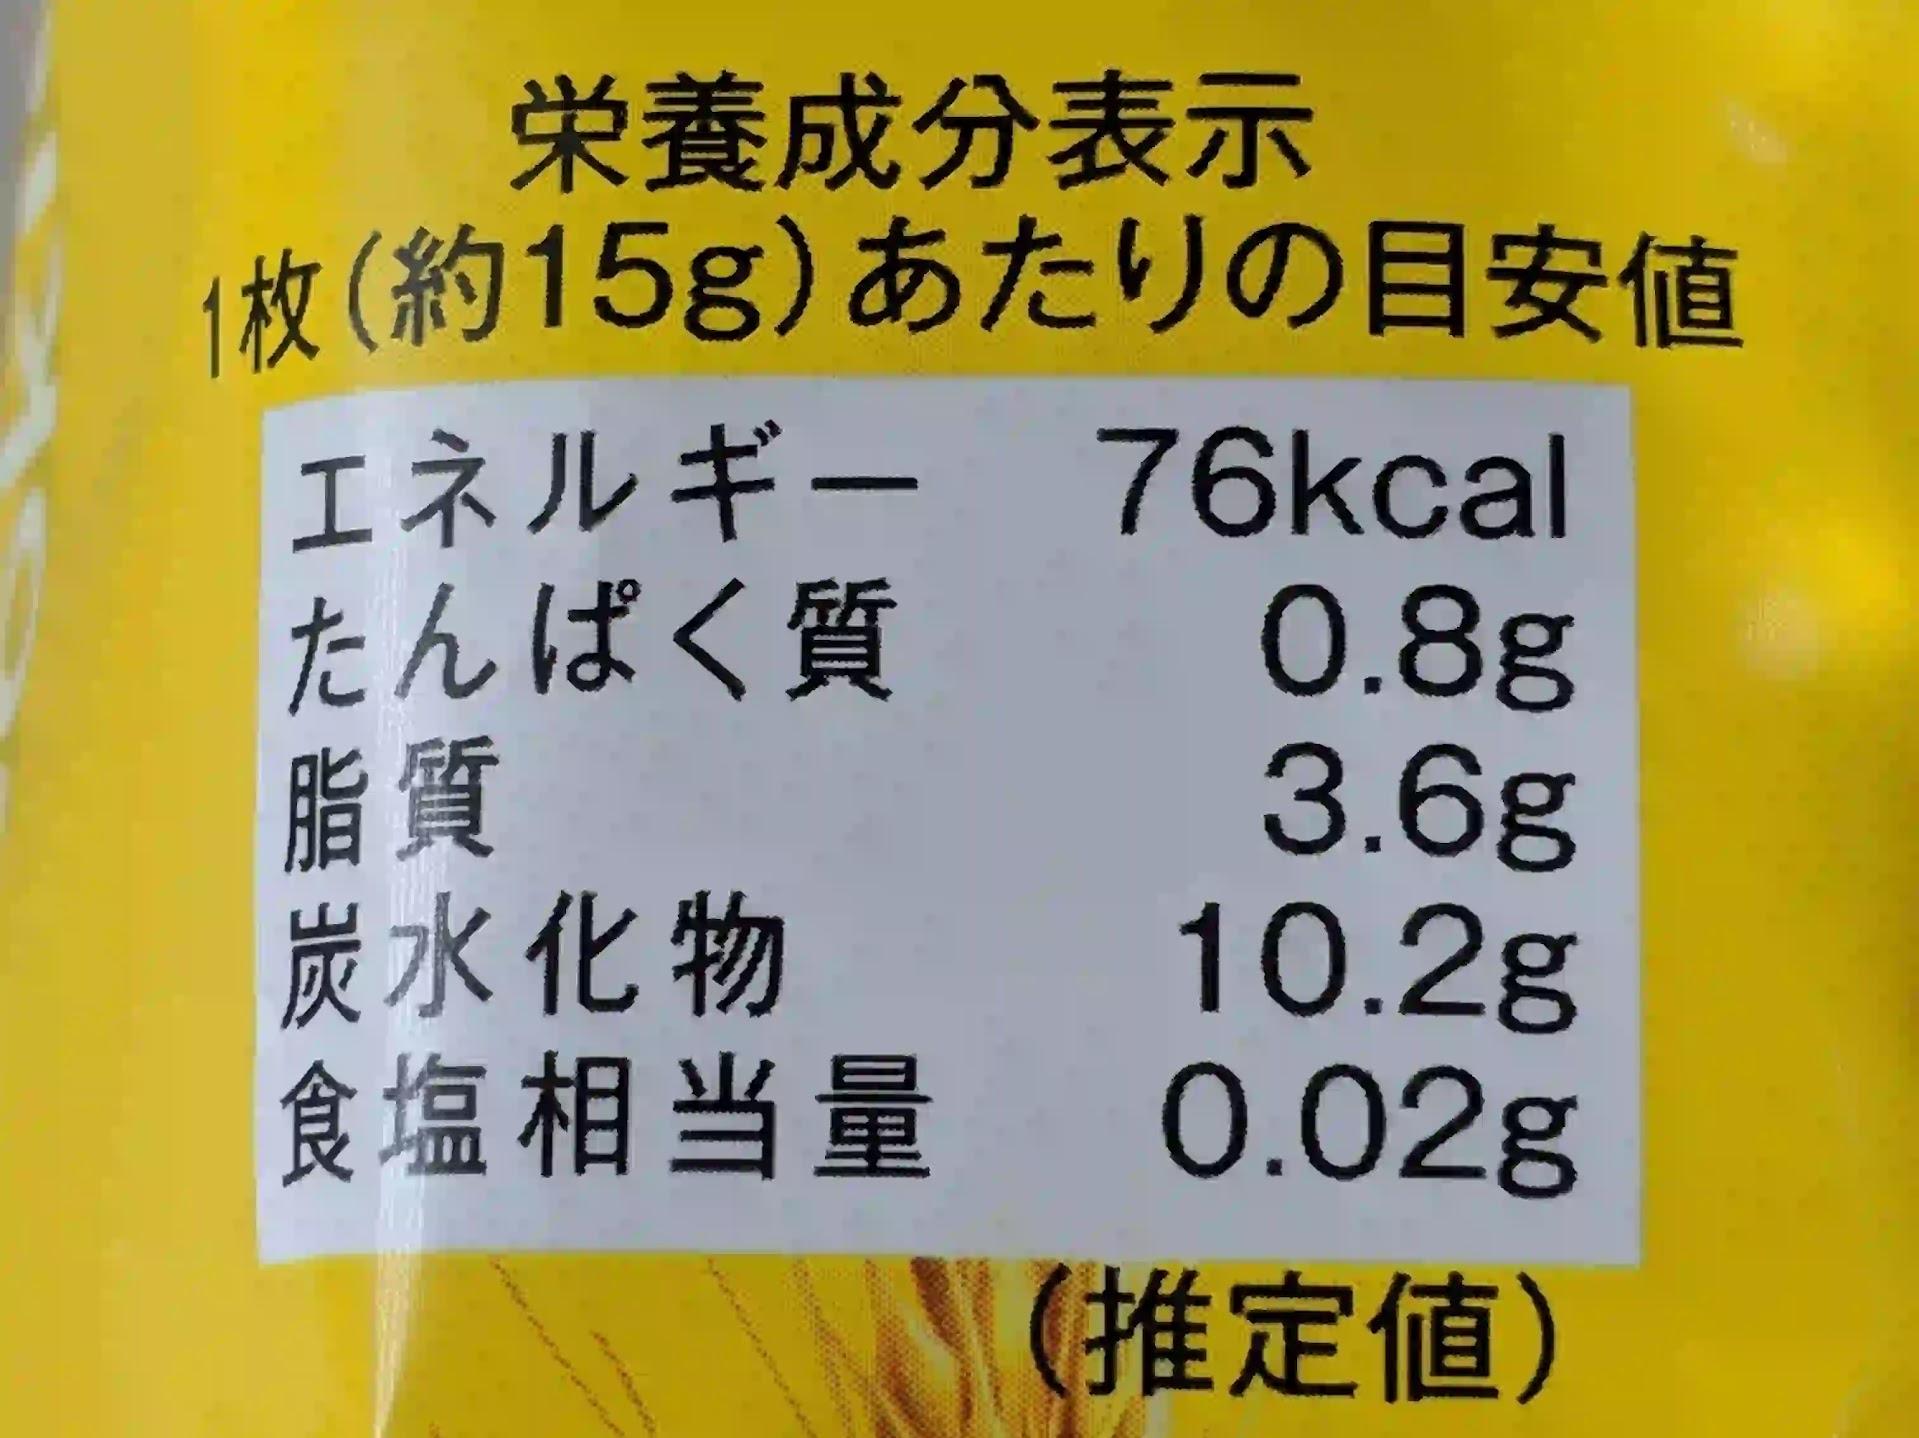 カルディ シリアルクッキー パイナップル 栄養成分表示